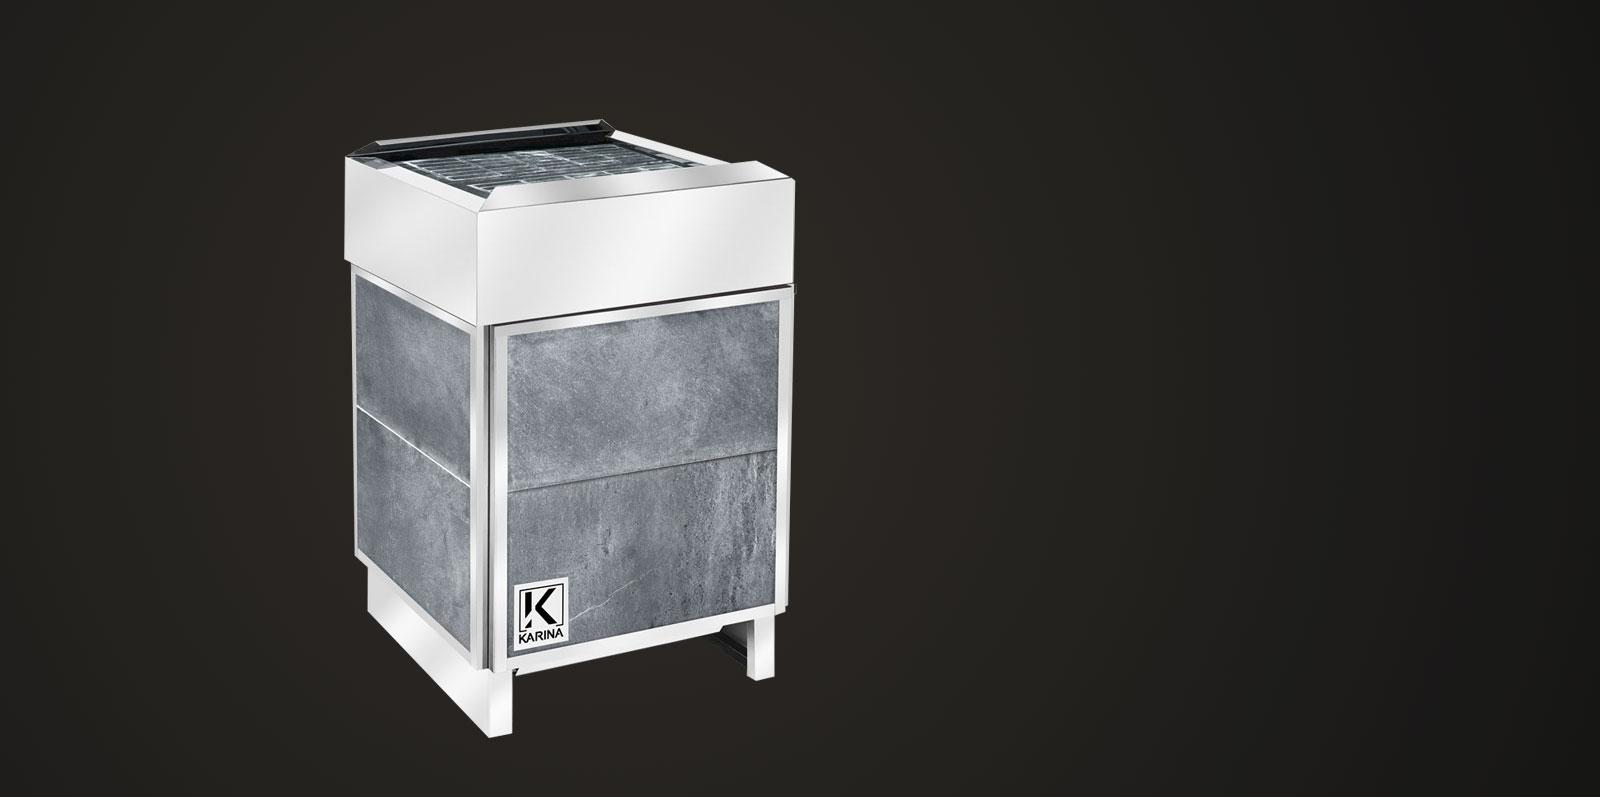 """Электропечь KARINA """"Премиум"""" в облицовке талькохлорит (Горизонтальный) 24 кВт"""